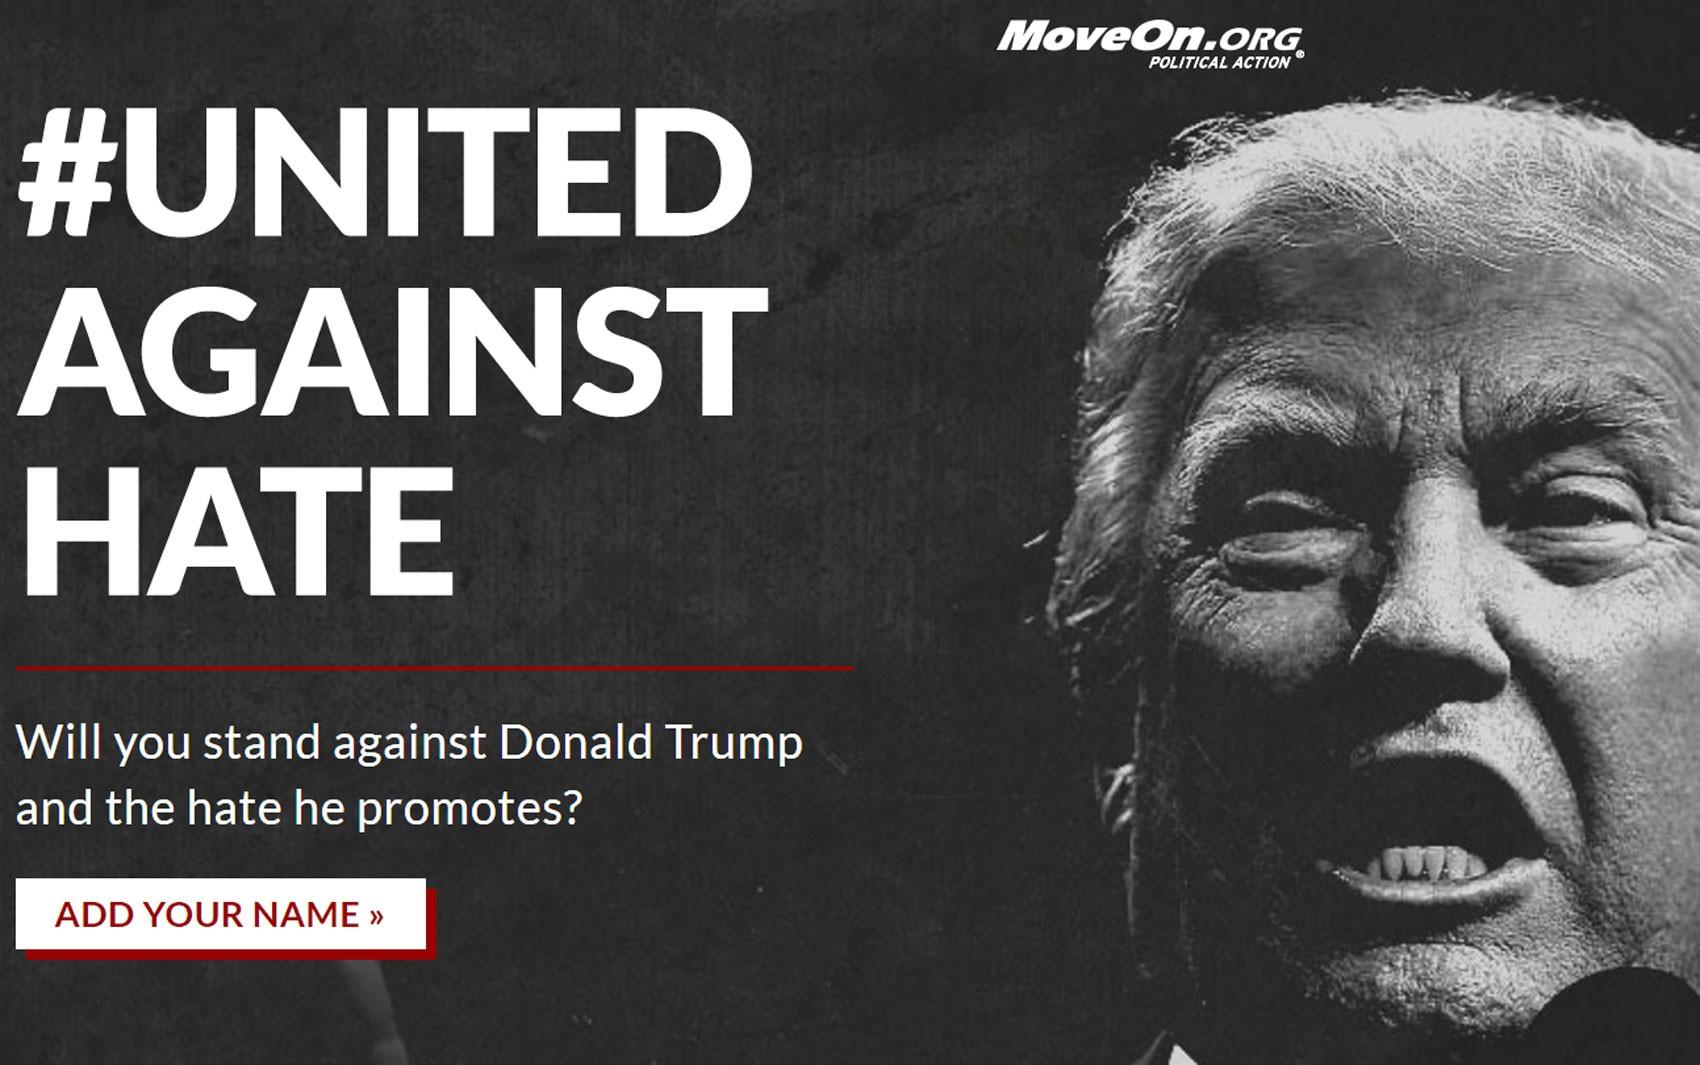 Site da campanha #UnitedAgainstHate, contra a eleição de Donald Trump (Foto: Reprodução/unitedagainsthate.com)